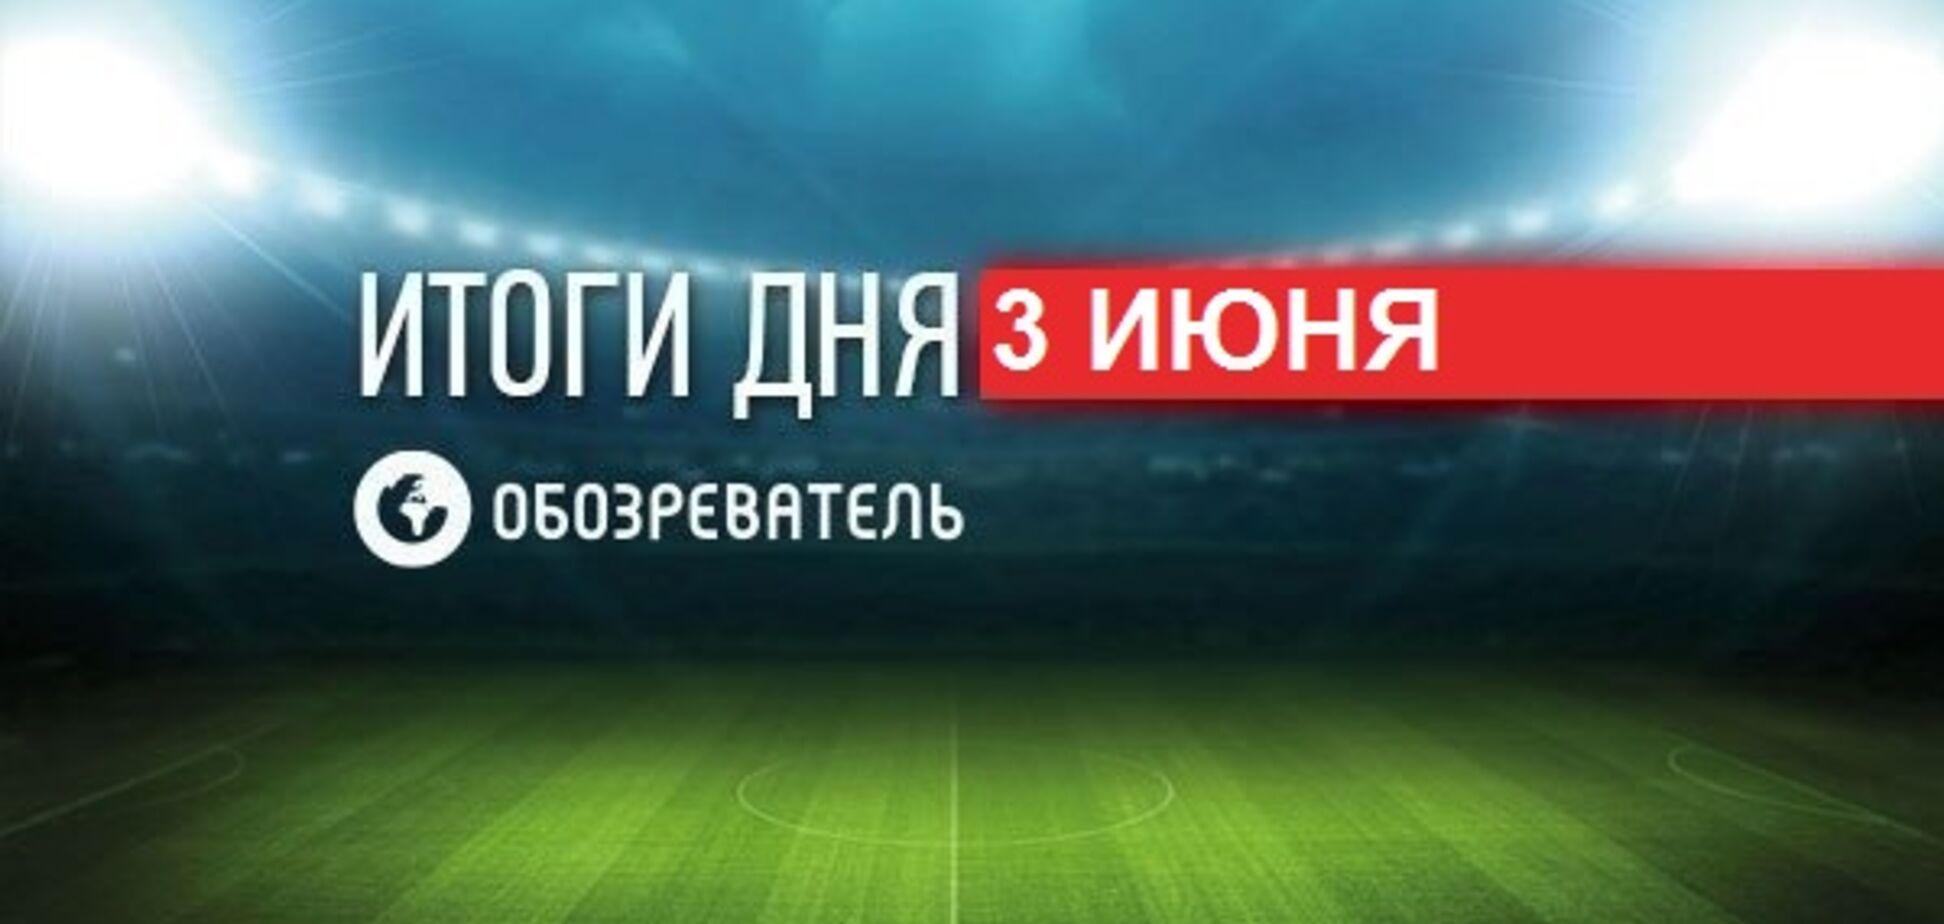 СМИ сообщили о замене Михайличенко в 'Динамо': спортивные итоги 3 июня